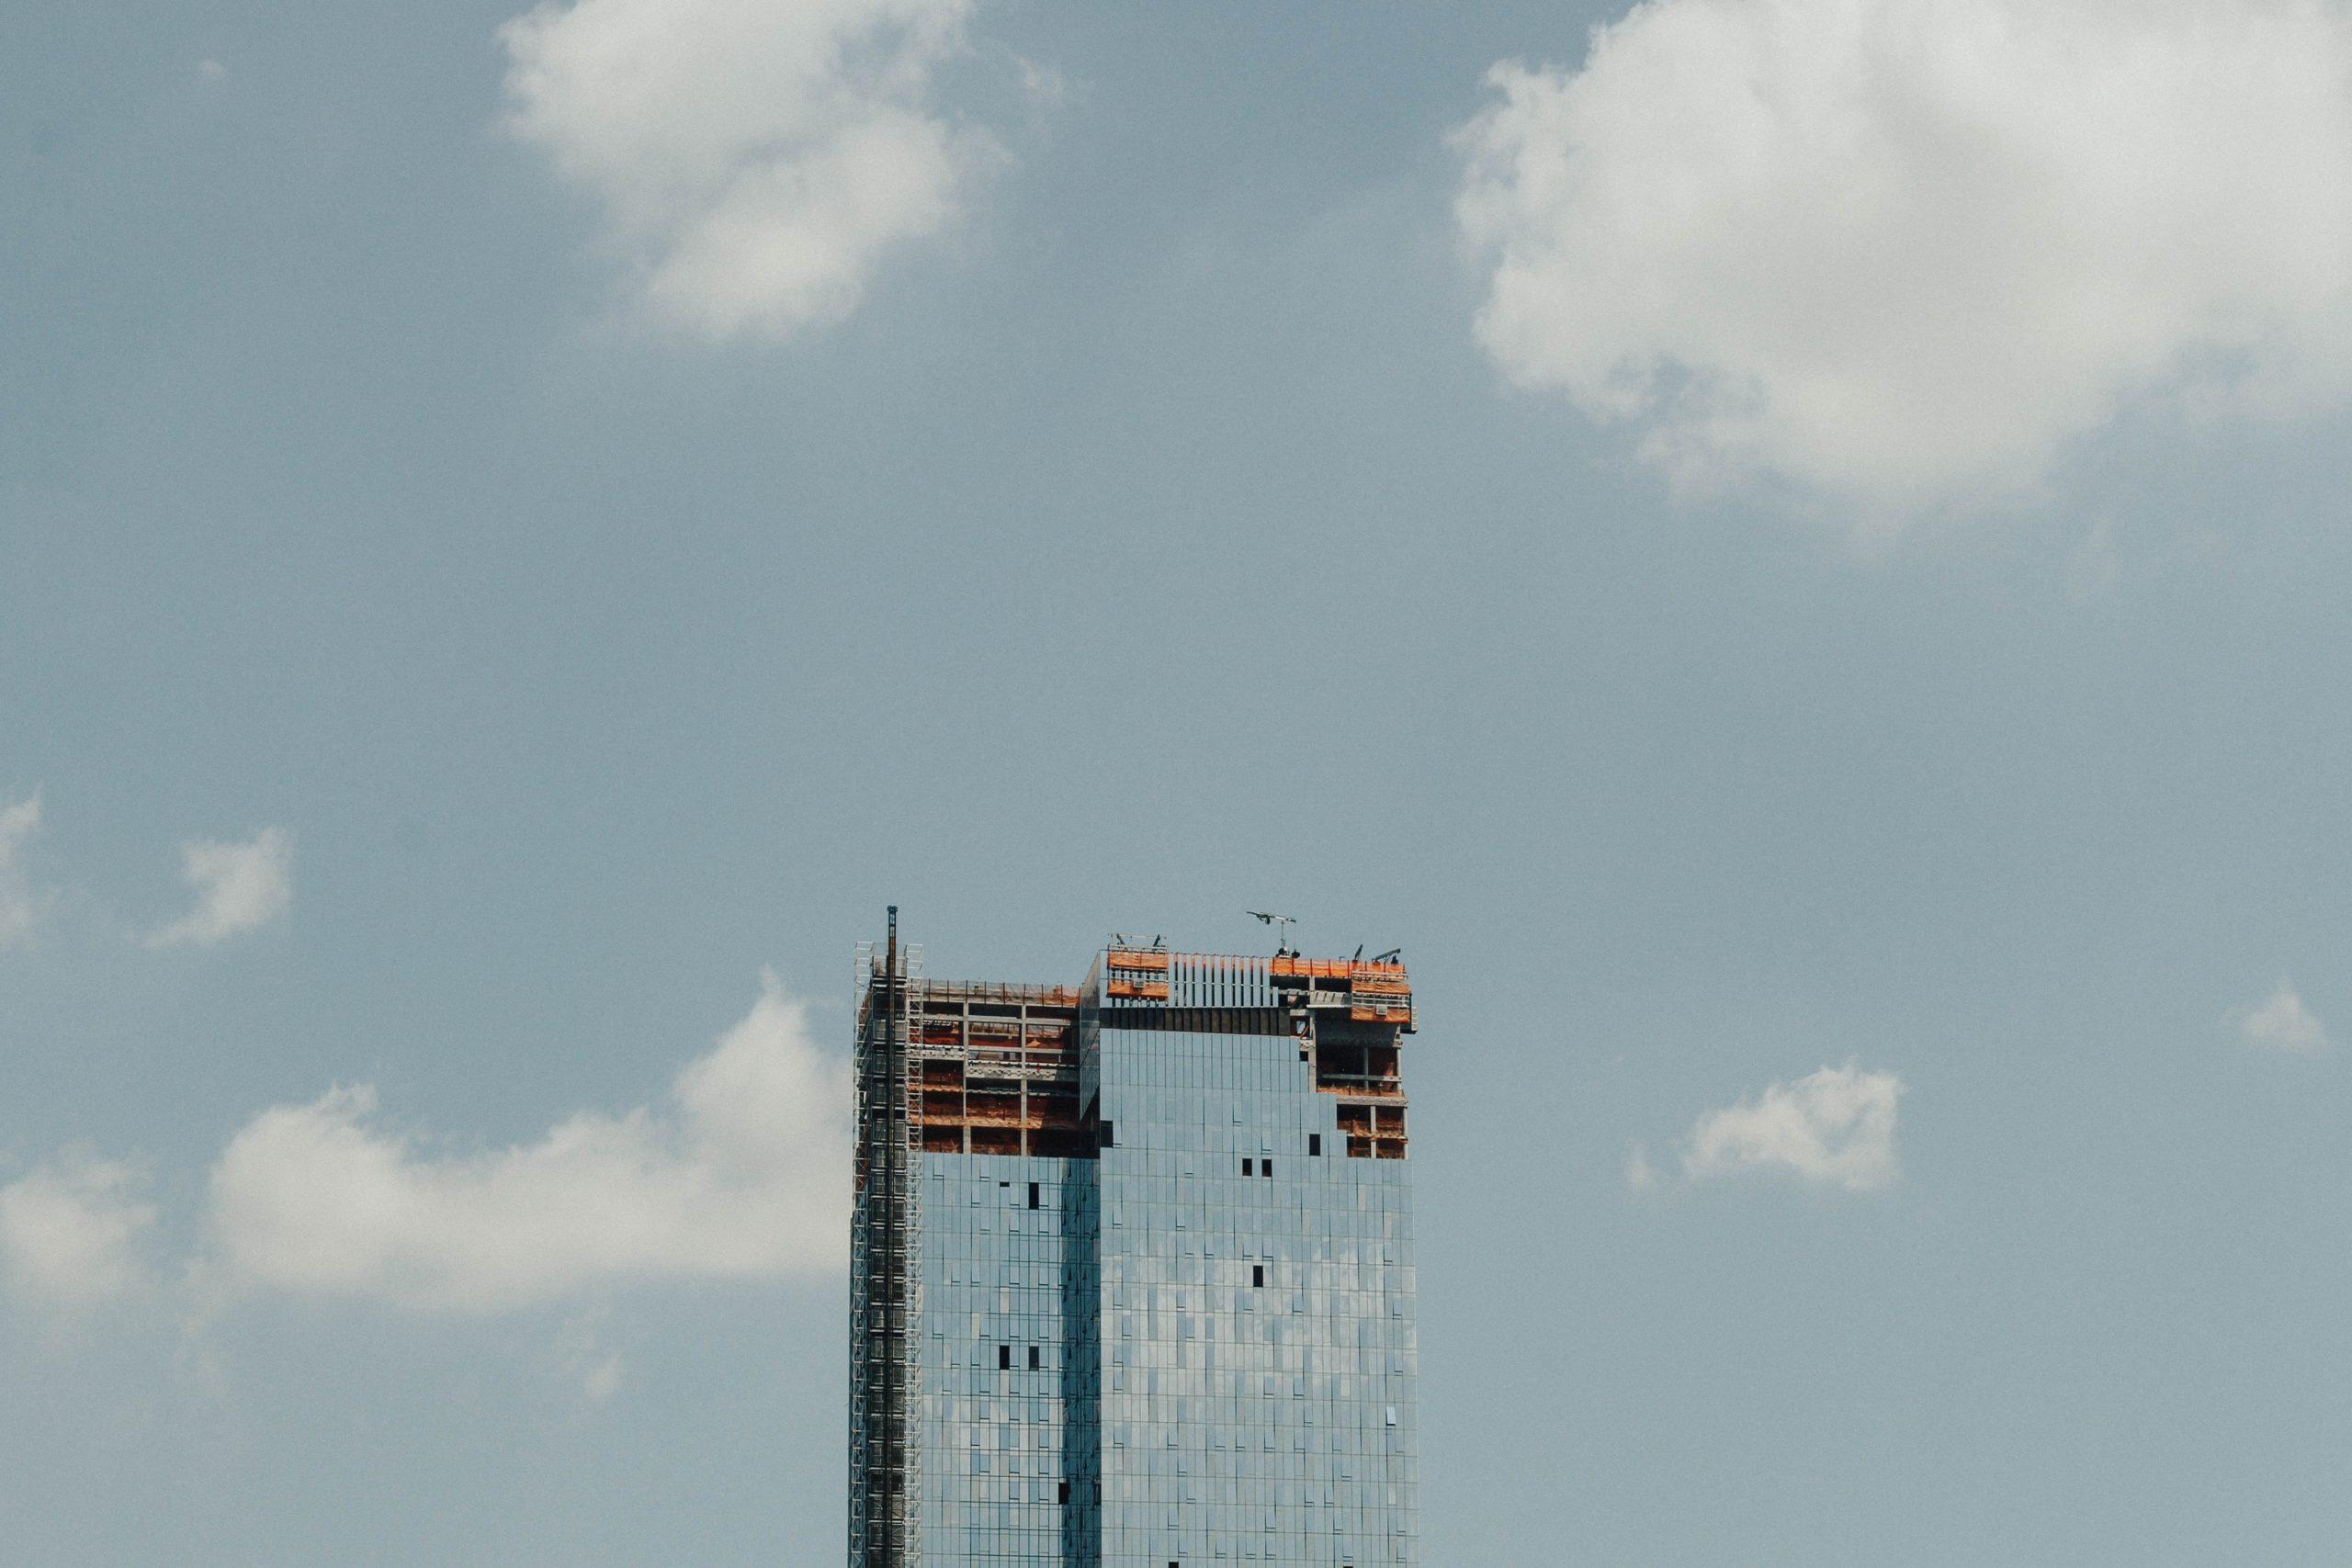 budowa w czasie epidemii